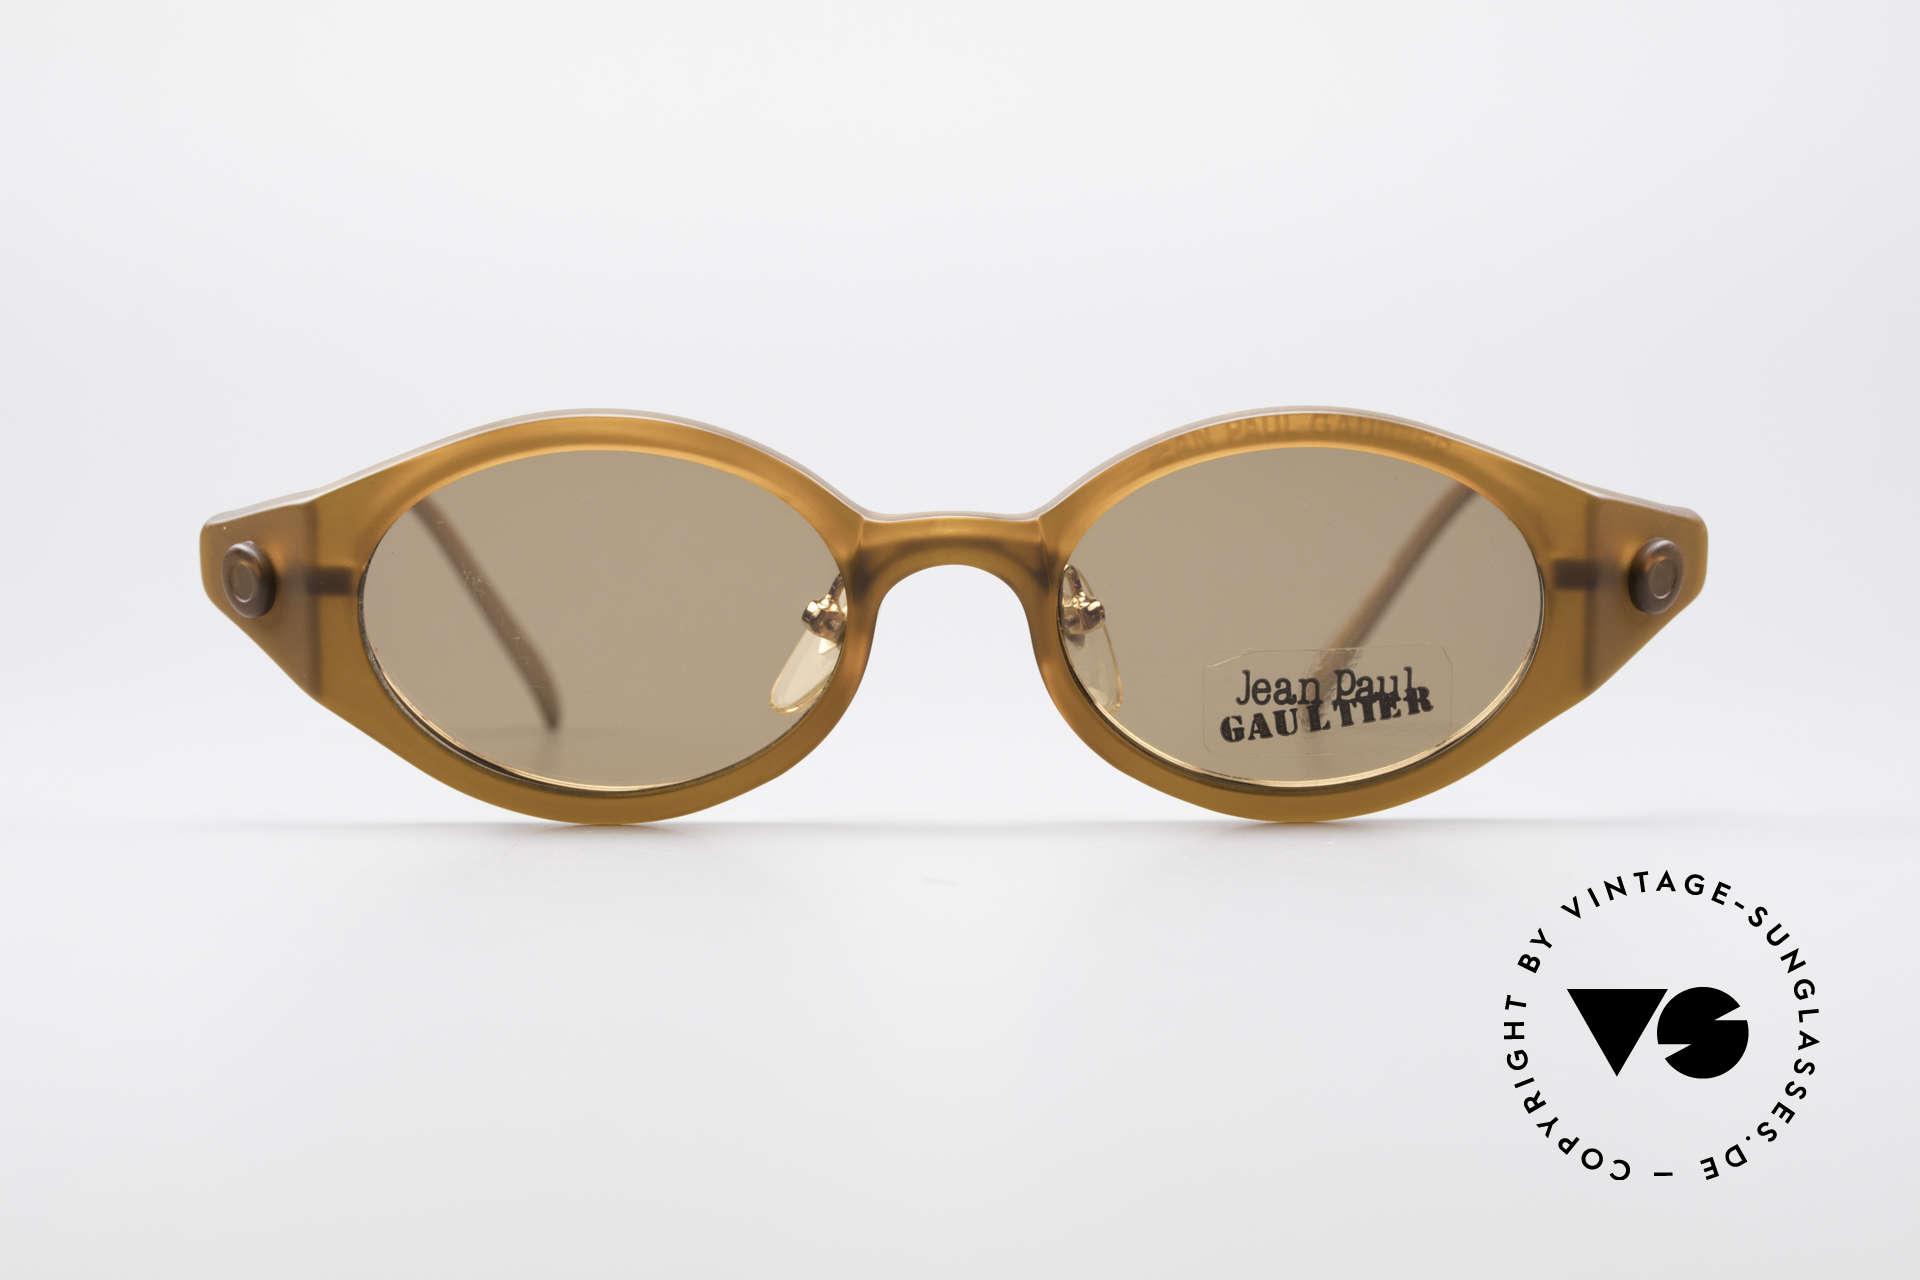 3f15ab7857b Sunglasses Jean Paul Gaultier 56-7202 Oval Frame With Sun Clip ...